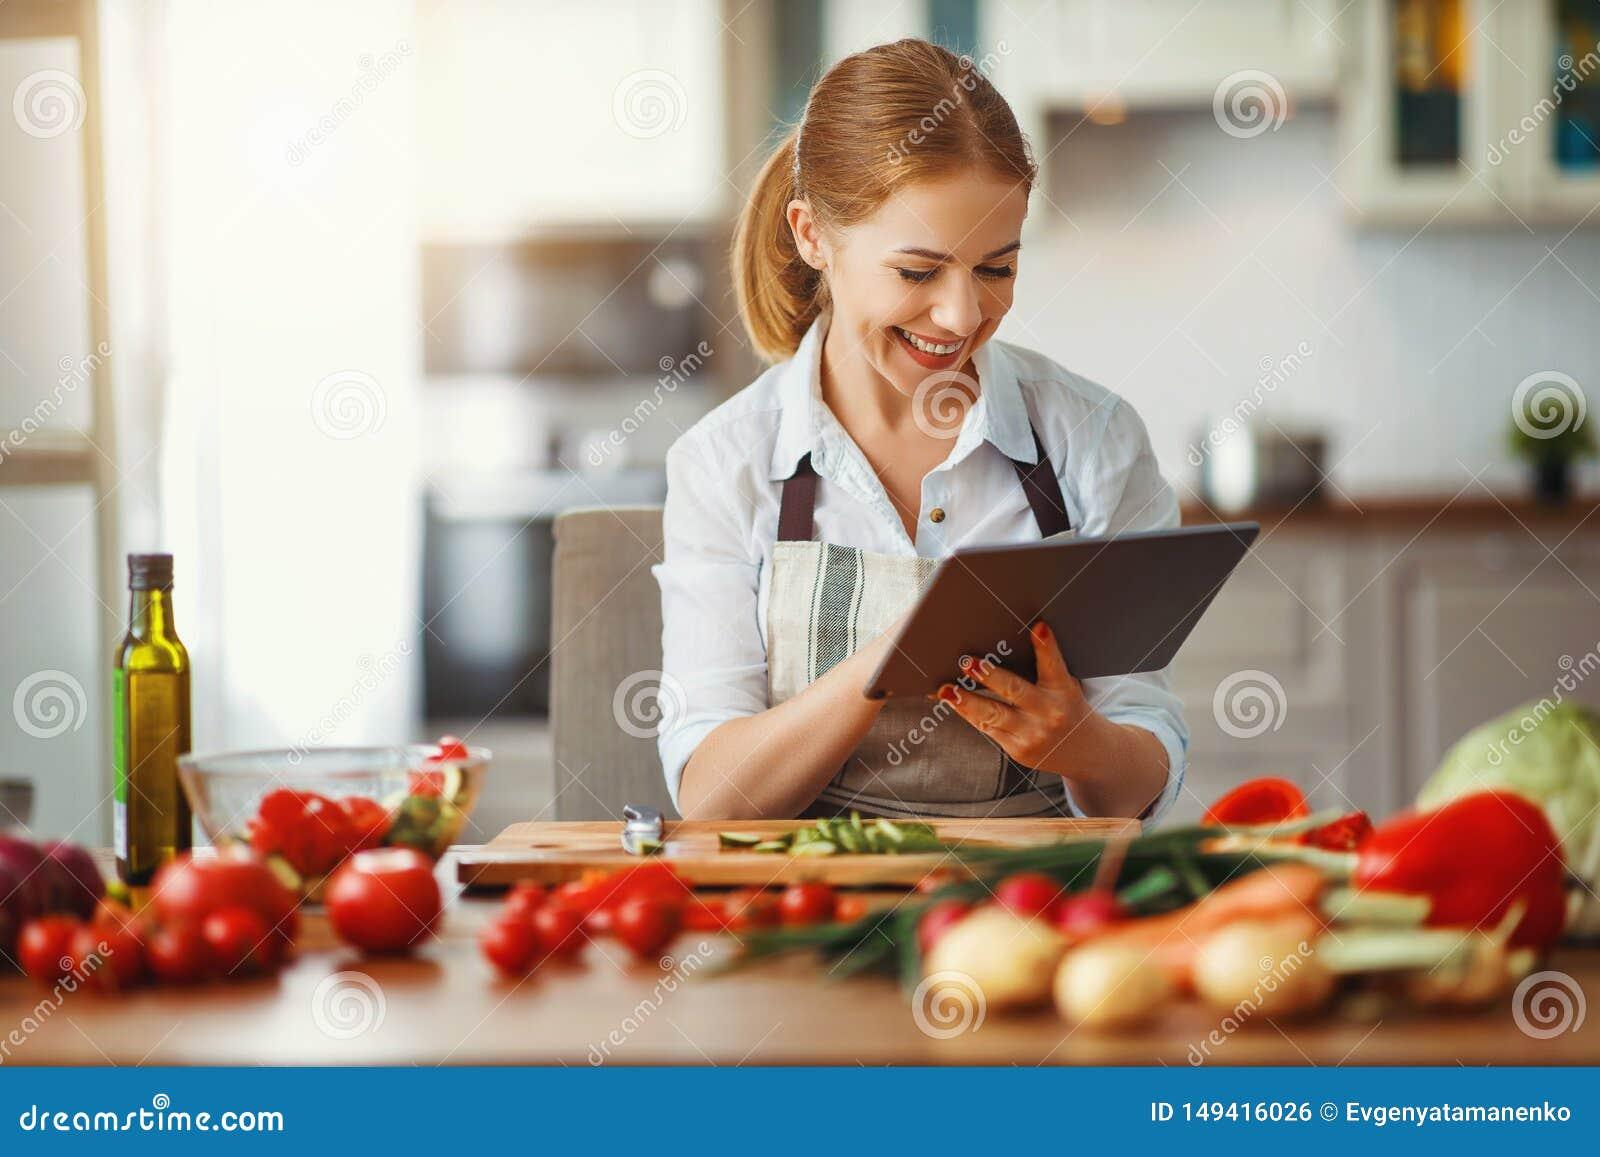 Ευτυχής γυναίκα που προετοιμάζει τα λαχανικά στην κουζίνα στη συνταγή με την ταμπλέτα